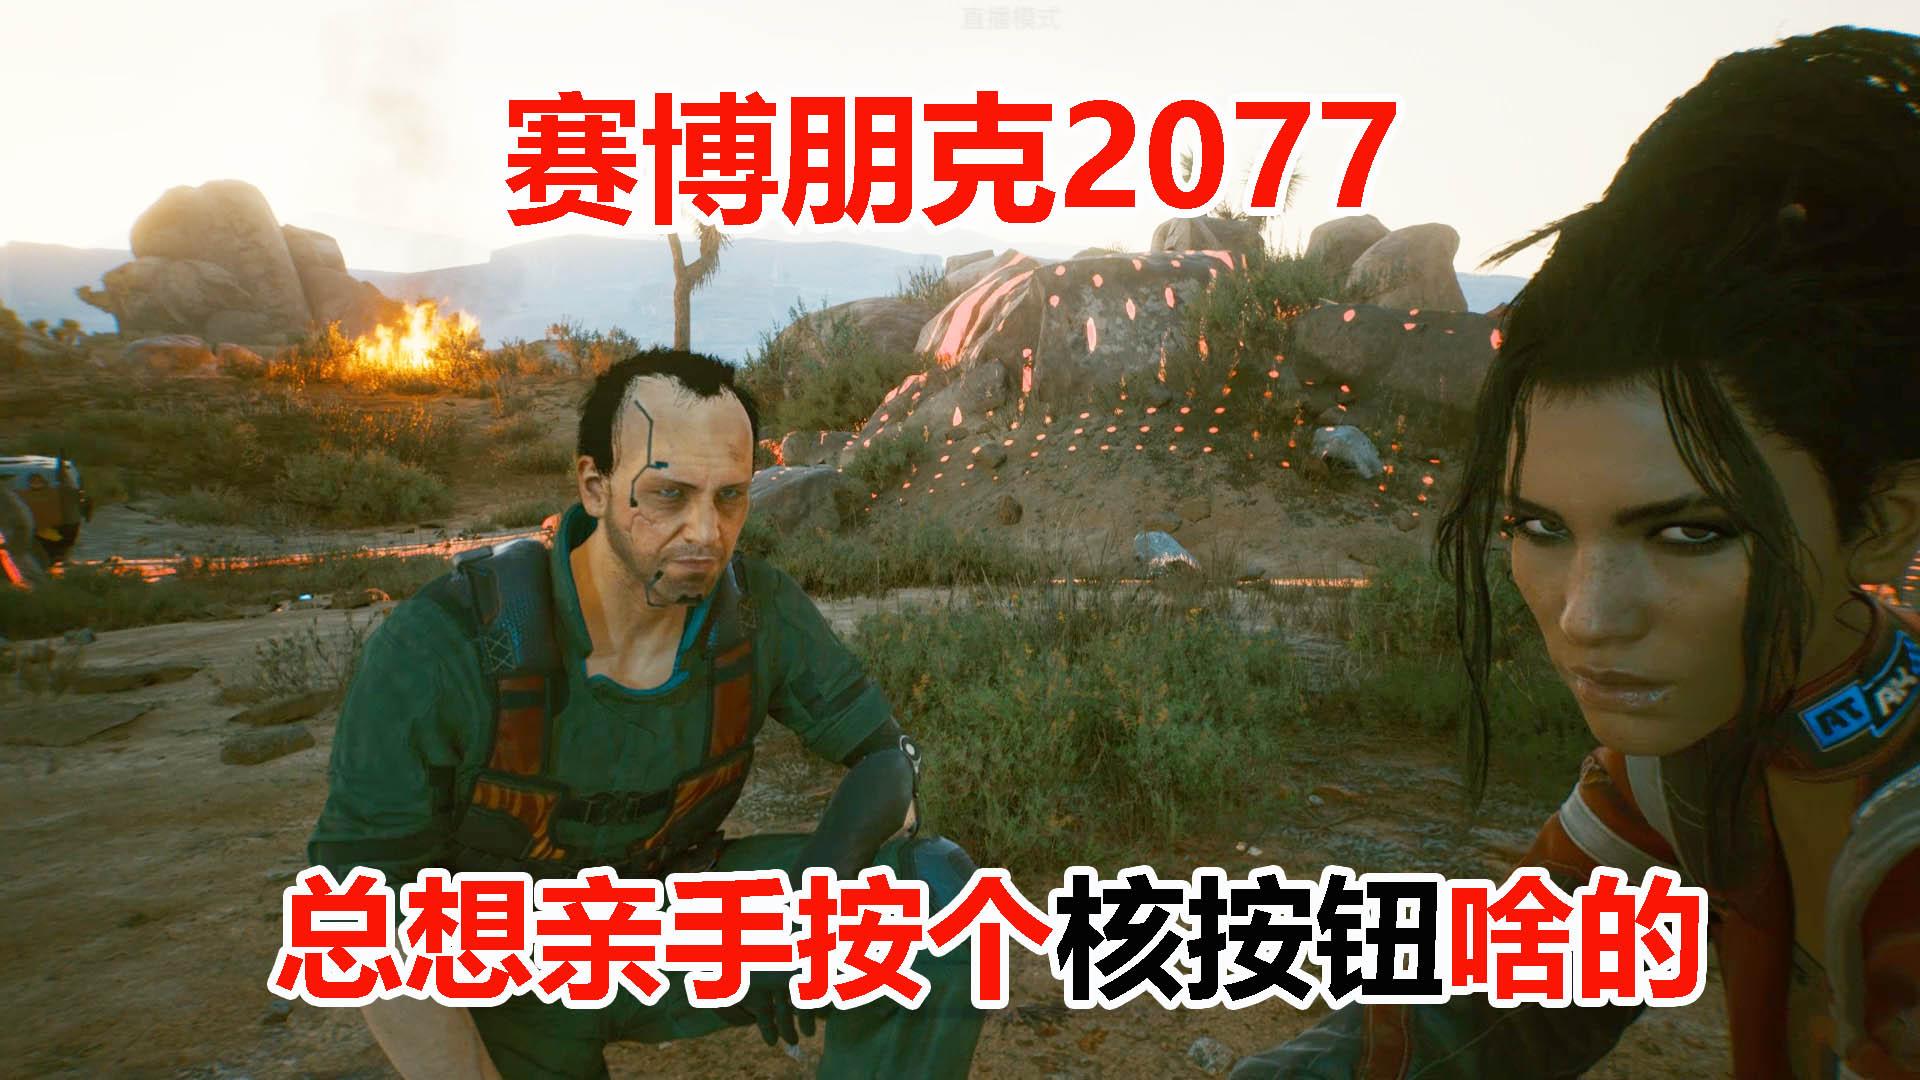 赛博朋克2077:总想亲手按个核按钮啥的,现在机会来了,哈哈